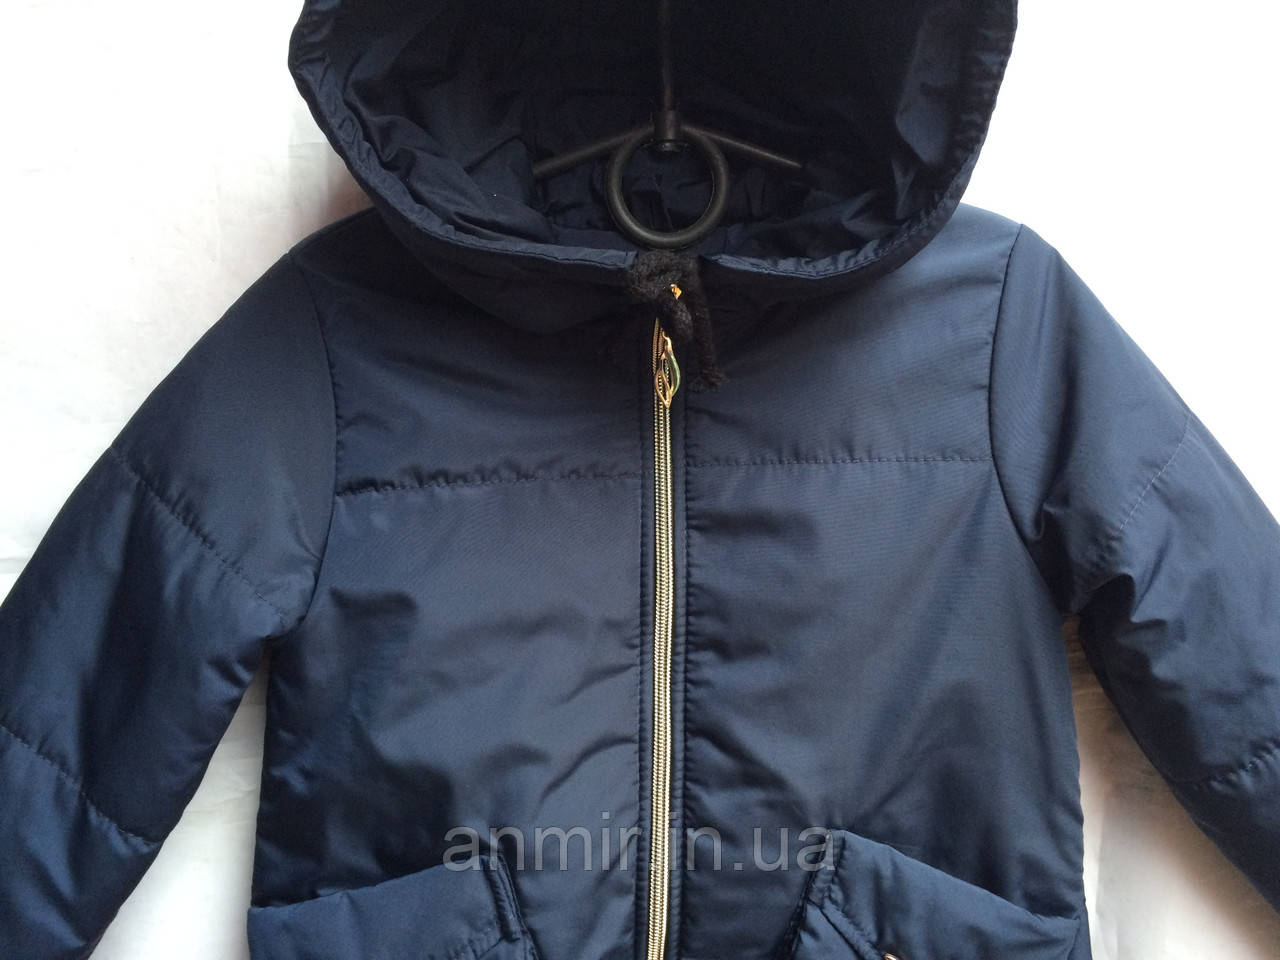 Купить Куртку Девочке 10 Лет